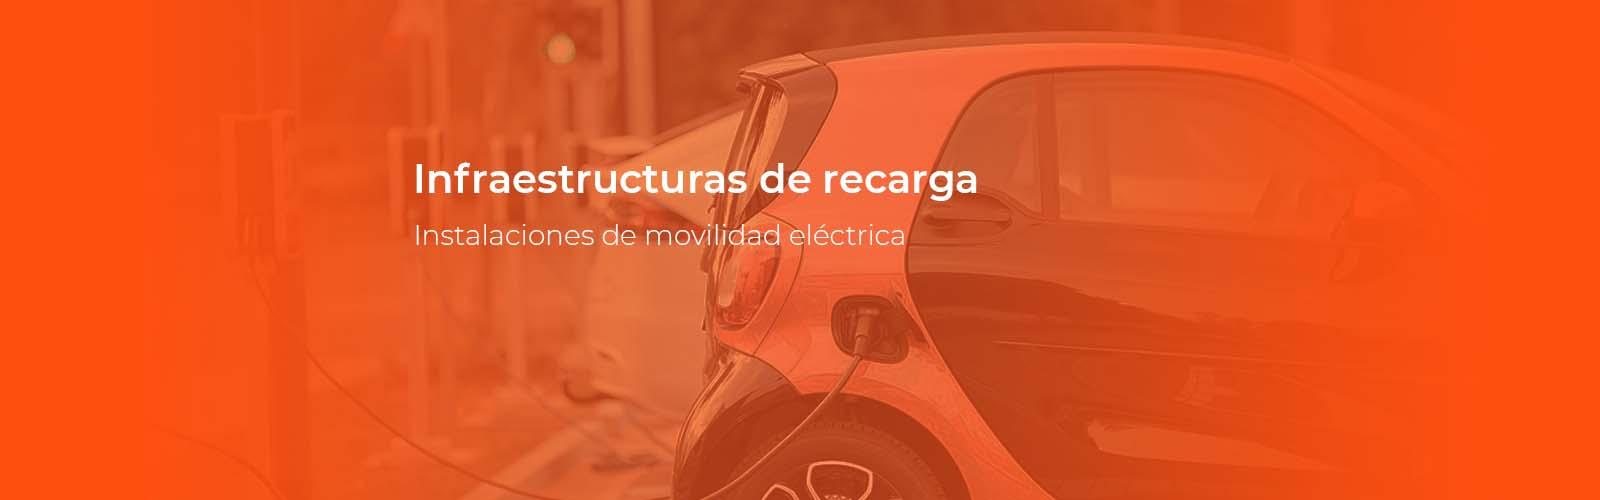 Infraestructuras movilidad eléctrica